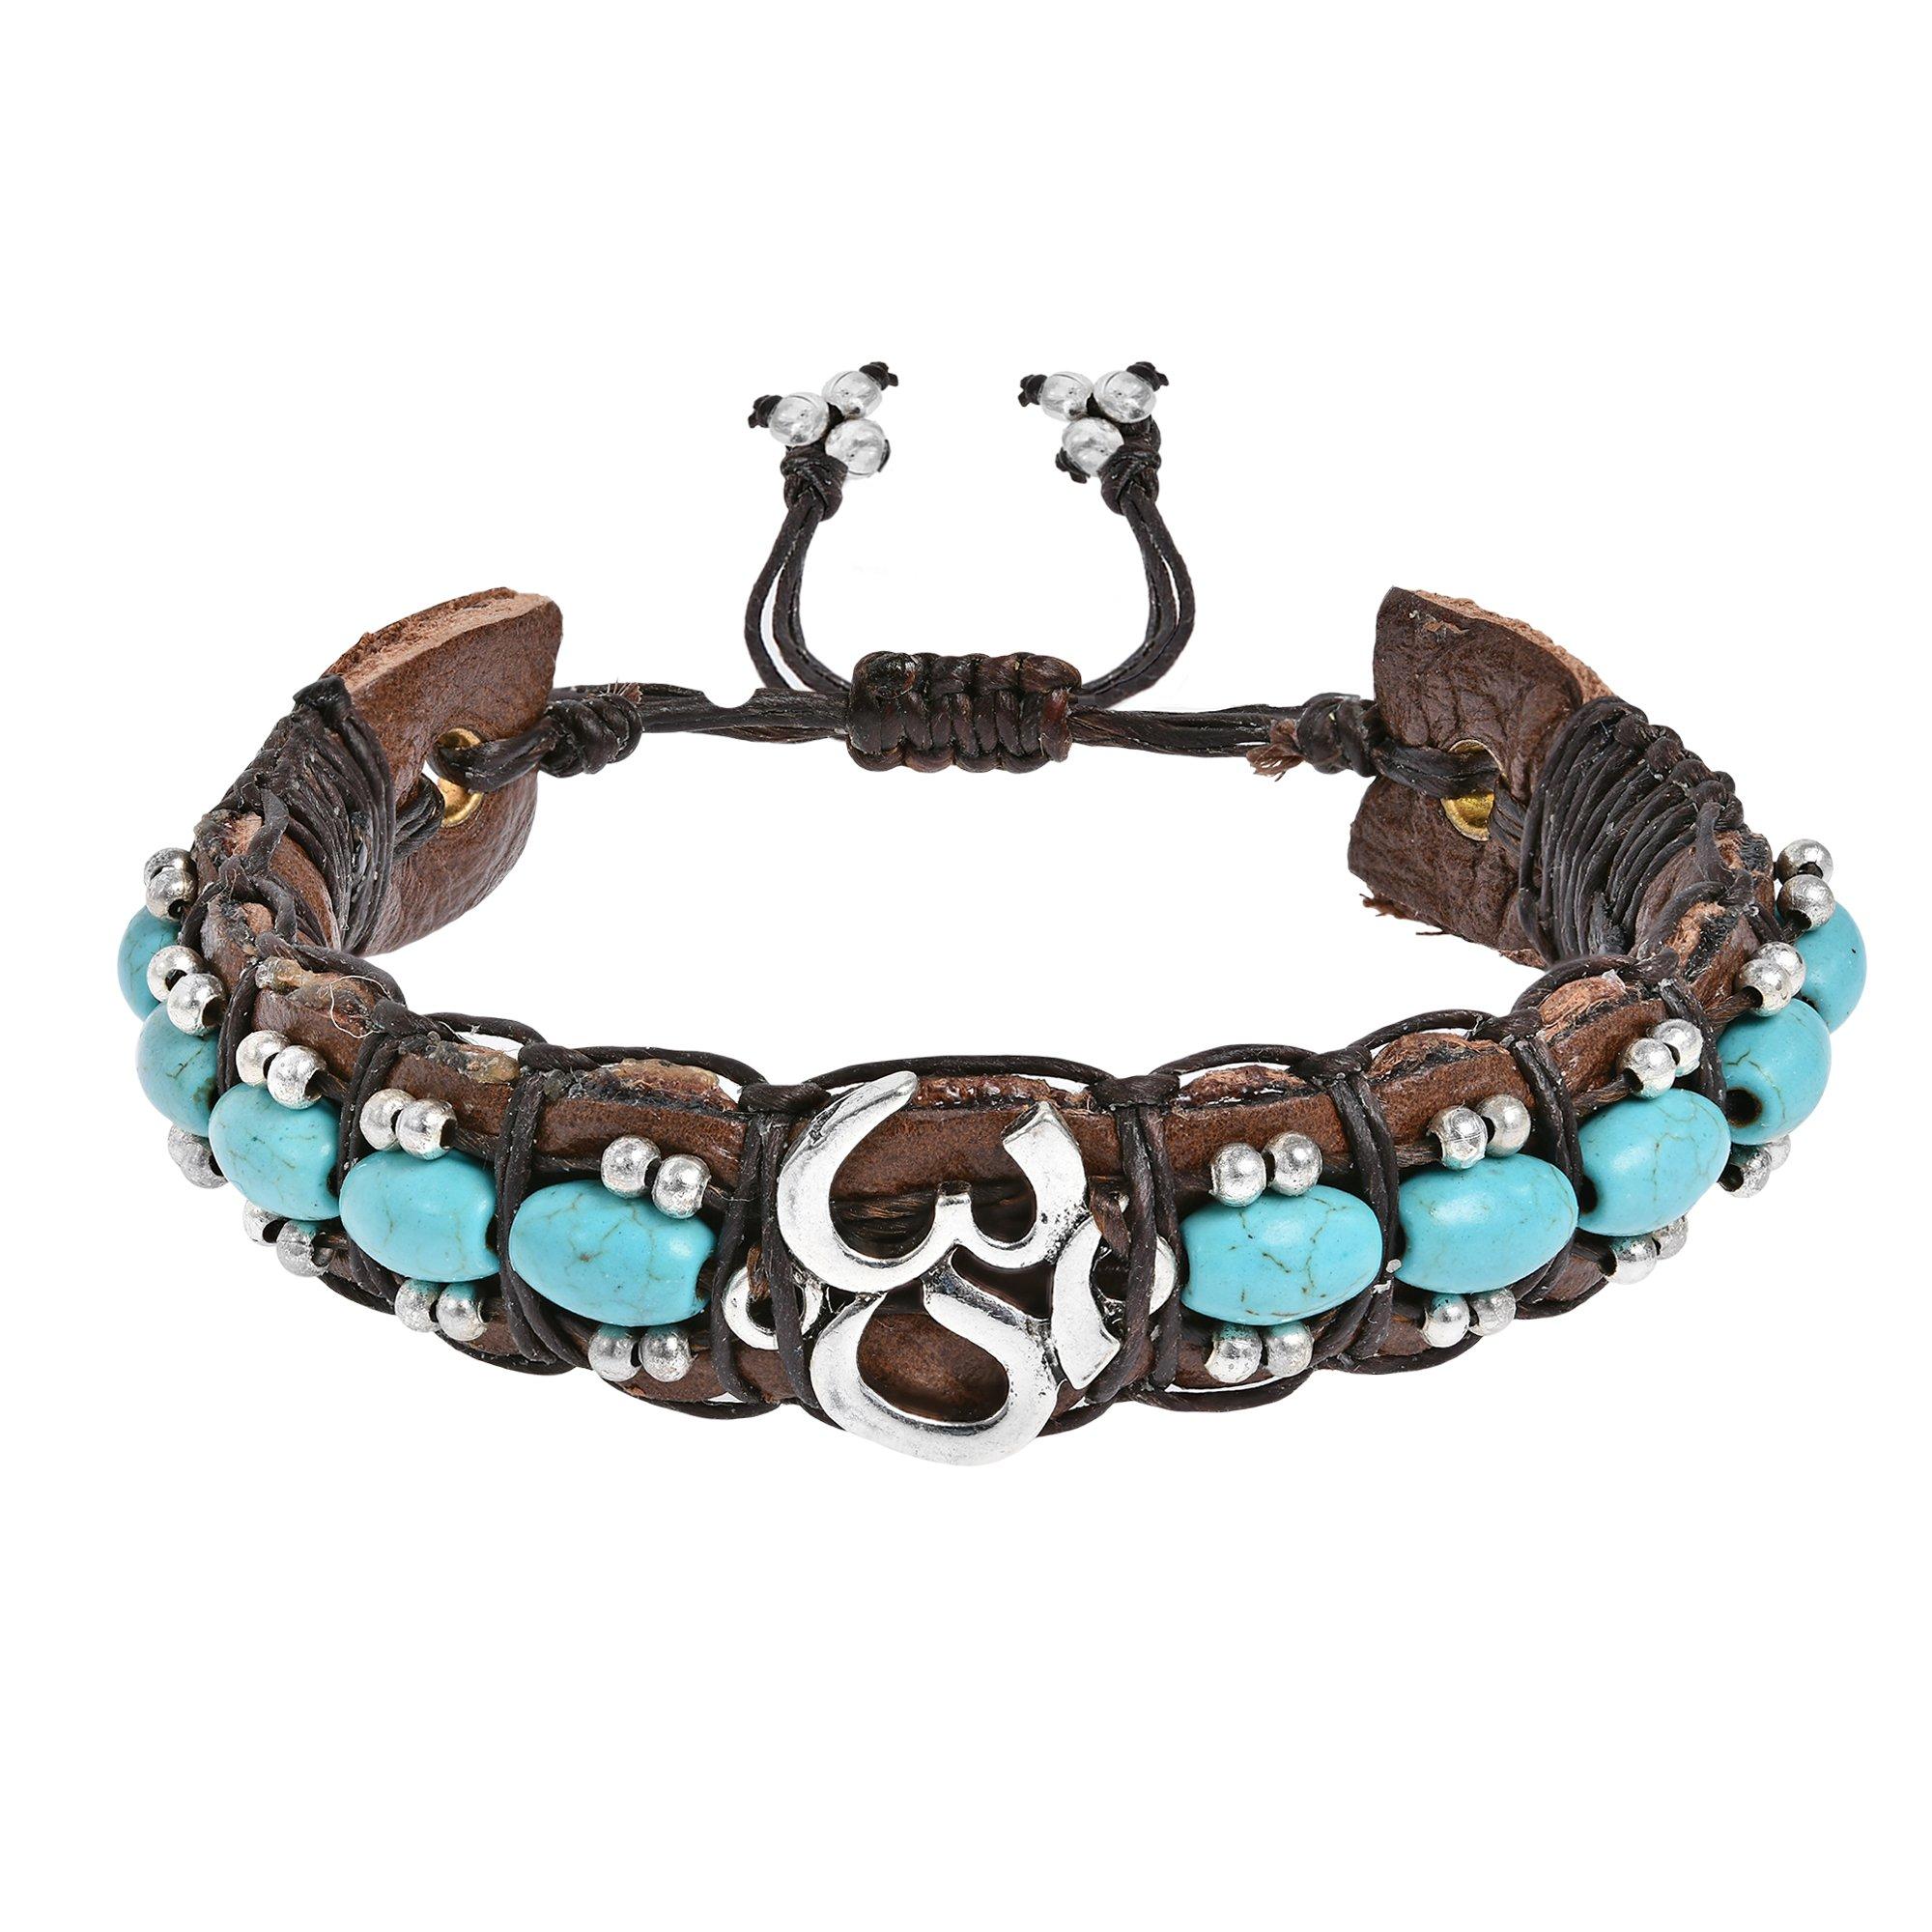 AeraVida Inspirational Aum or Ohm Simulated Turquoise Rolls Leather Adjustable Wrist Pull Bracelet